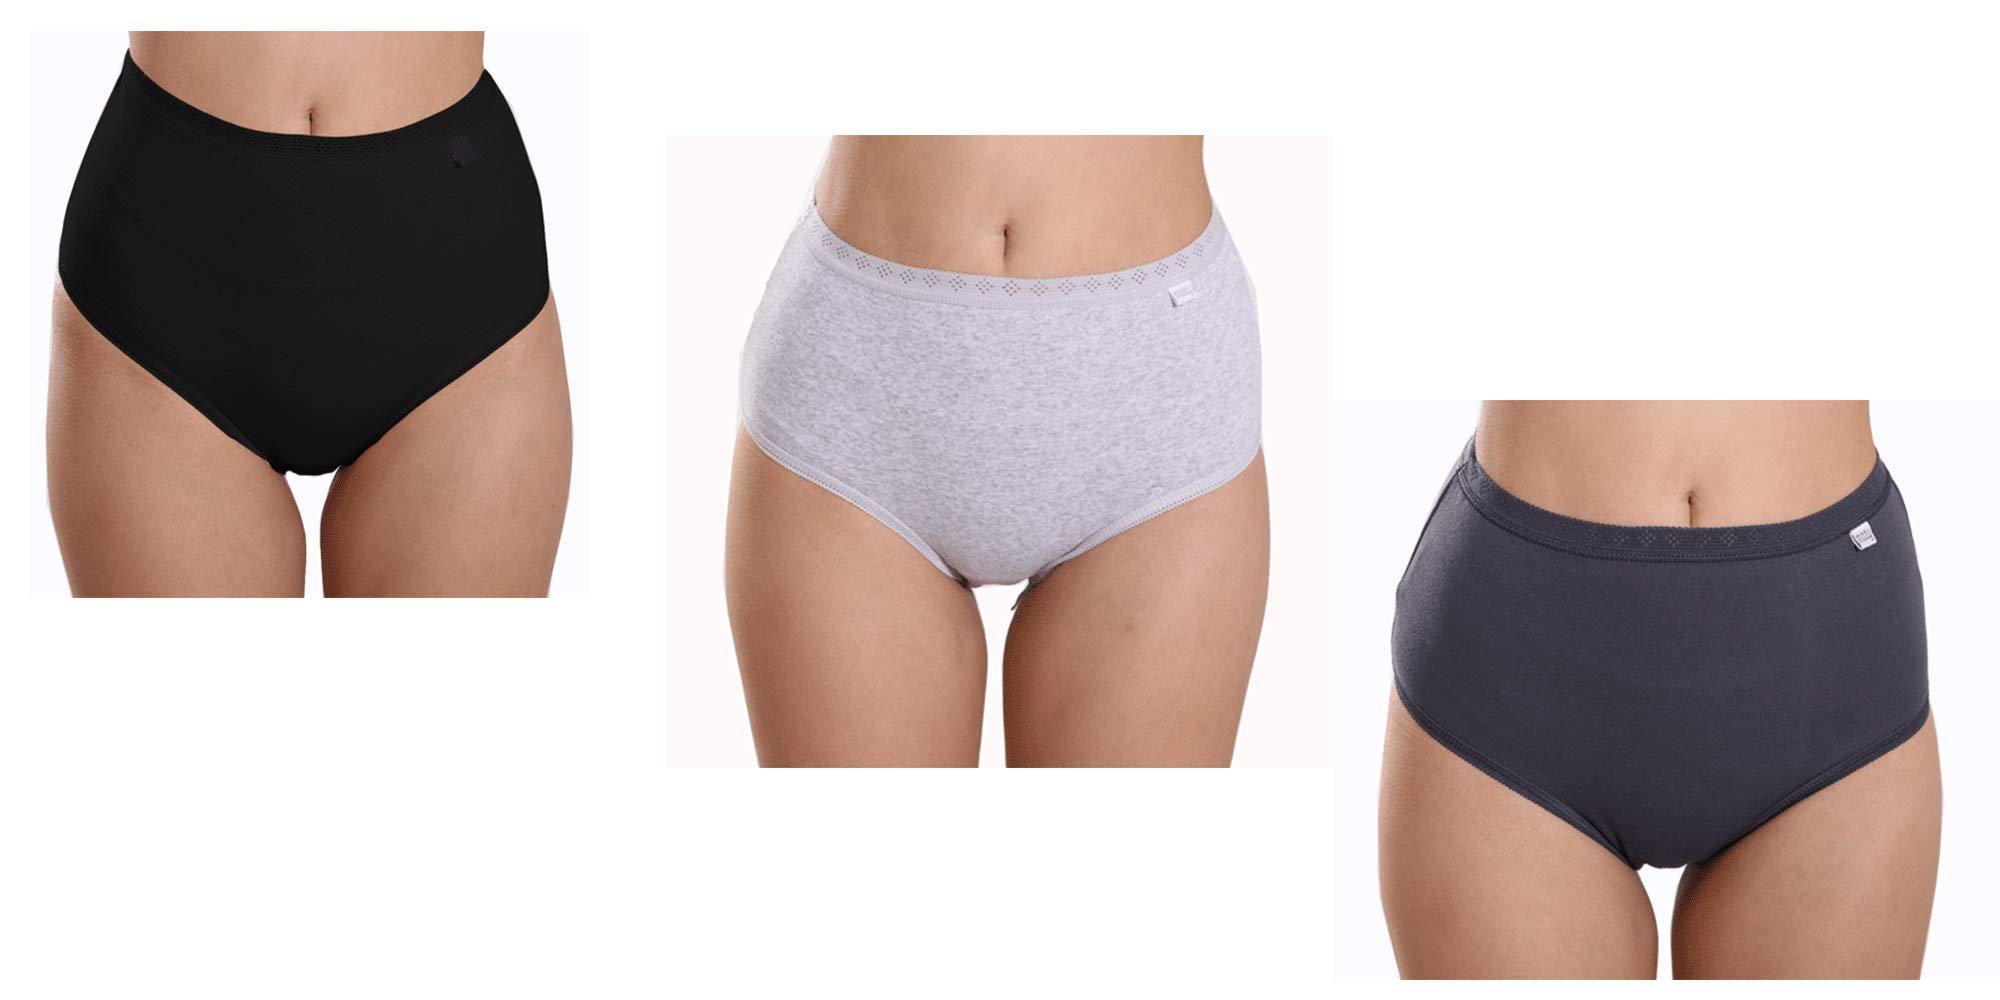 d741df036b8a SOUTEAM Women High Waist Briefs Underpants Cotton Breathable Tummy ...